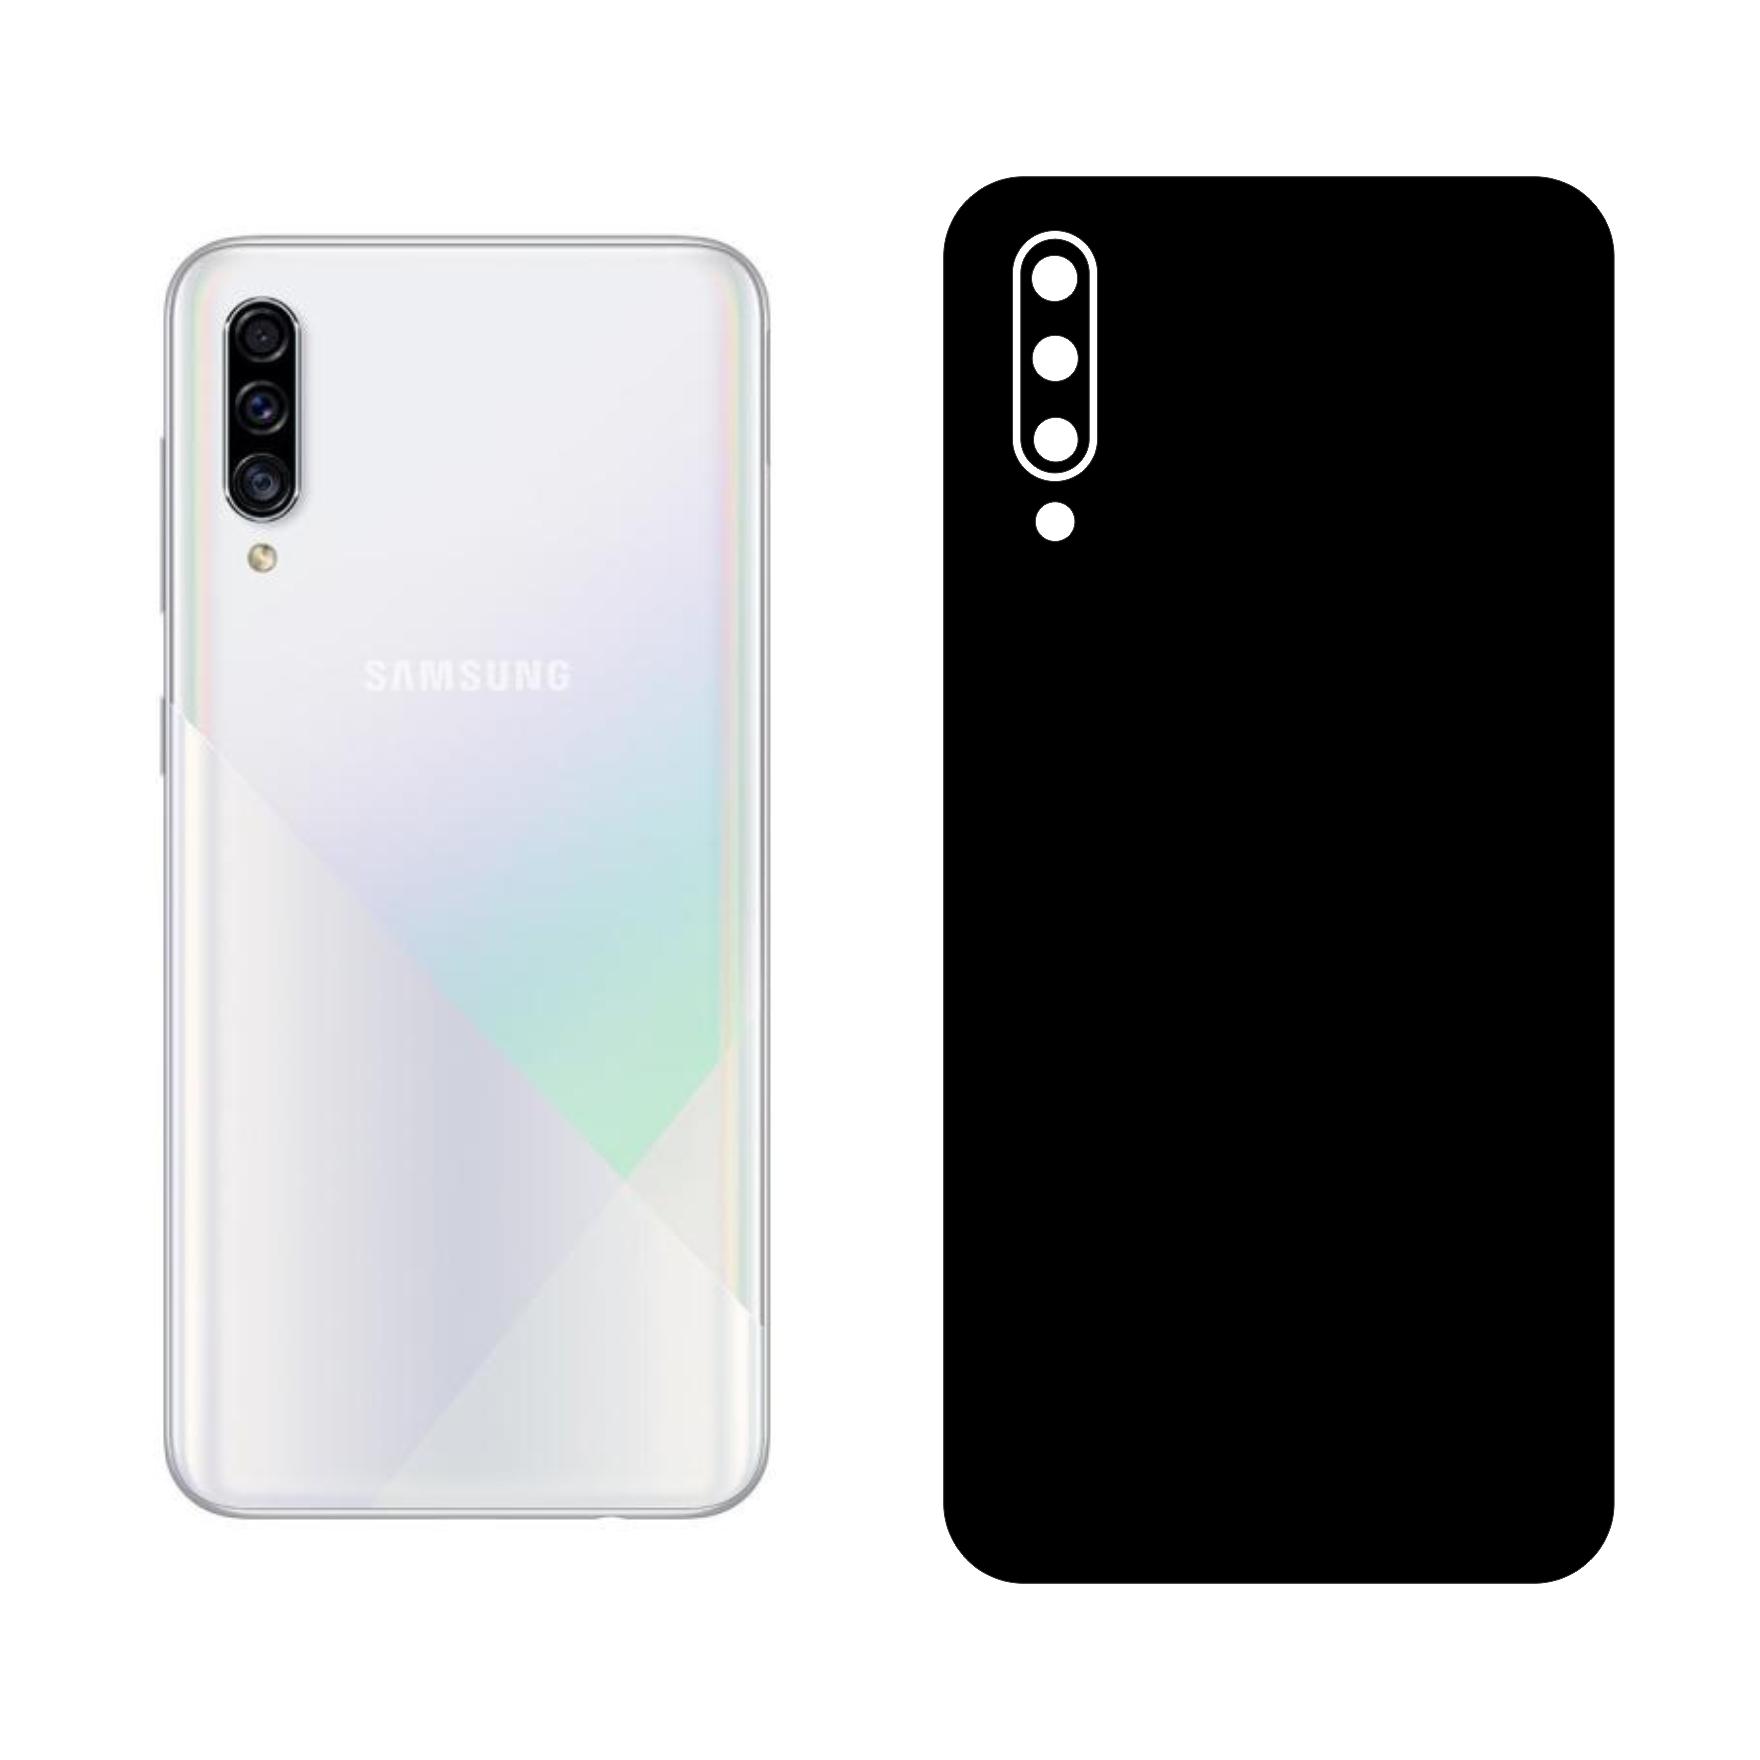 برچسب پوششی مدل 1004 مناسب برای گوشی موبایل سامسونگ galaxy A30s main 1 1